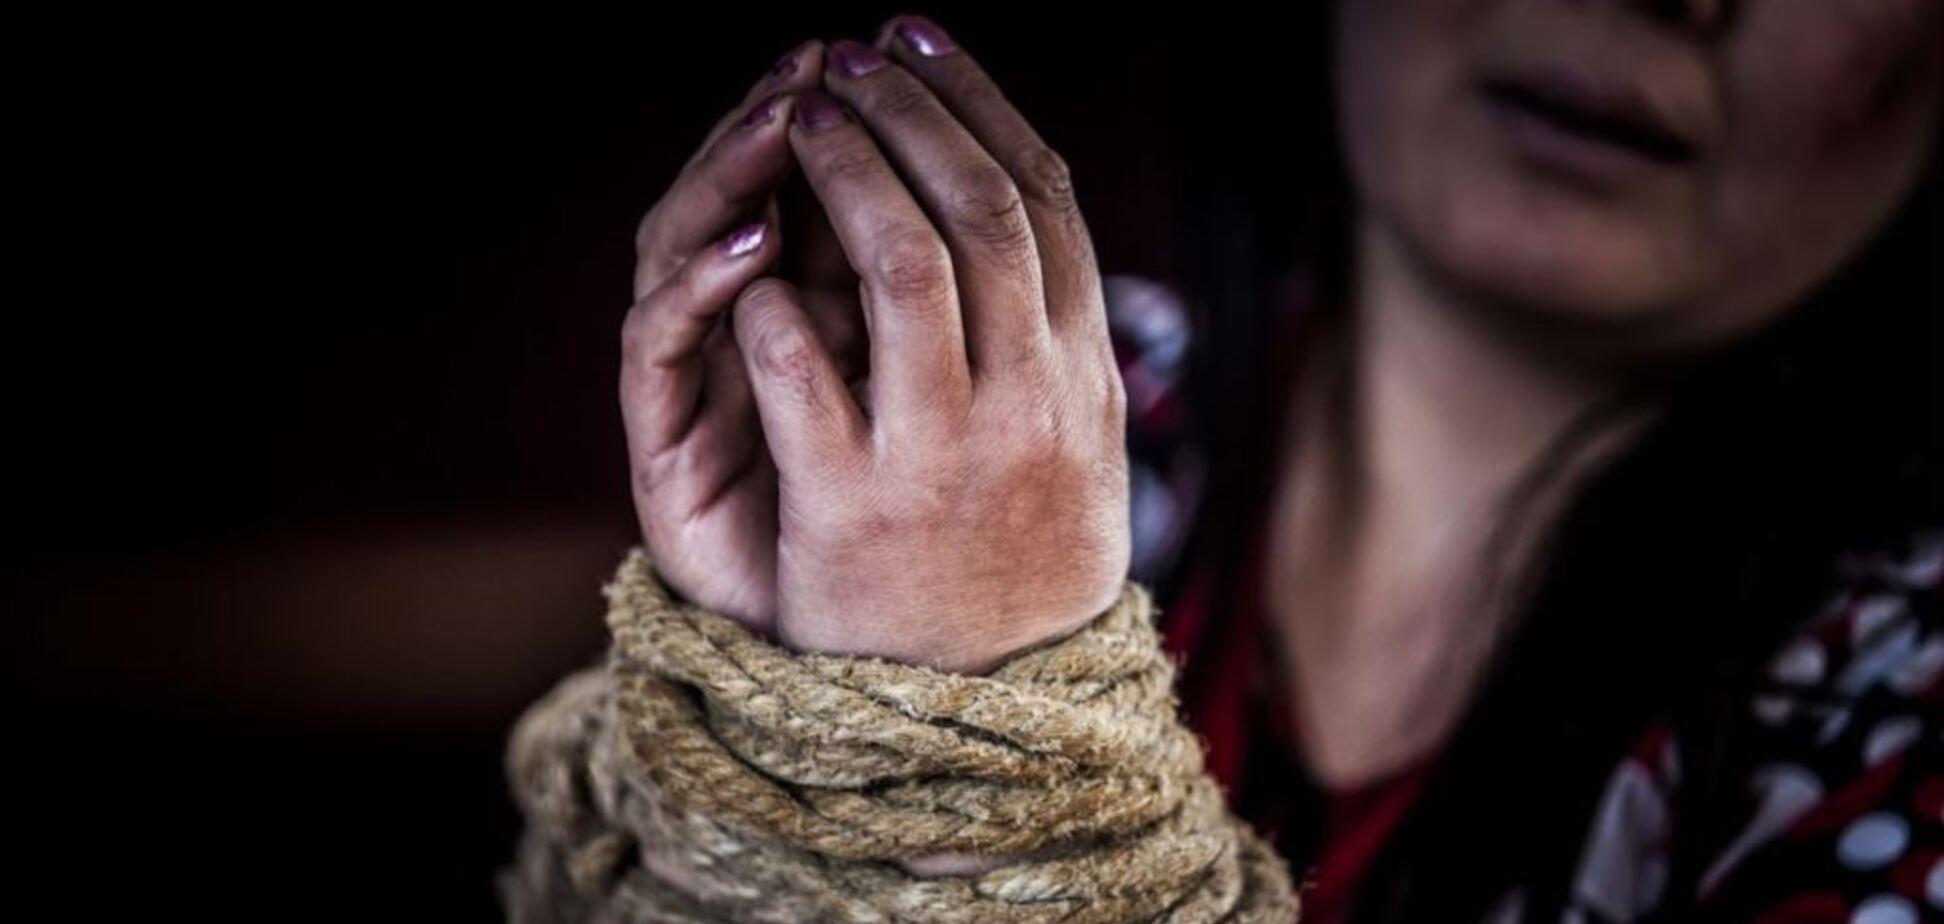 Шукали роботу, а потрапили у рабство: українки розповіли, як стали жертвами торгівлі людьми